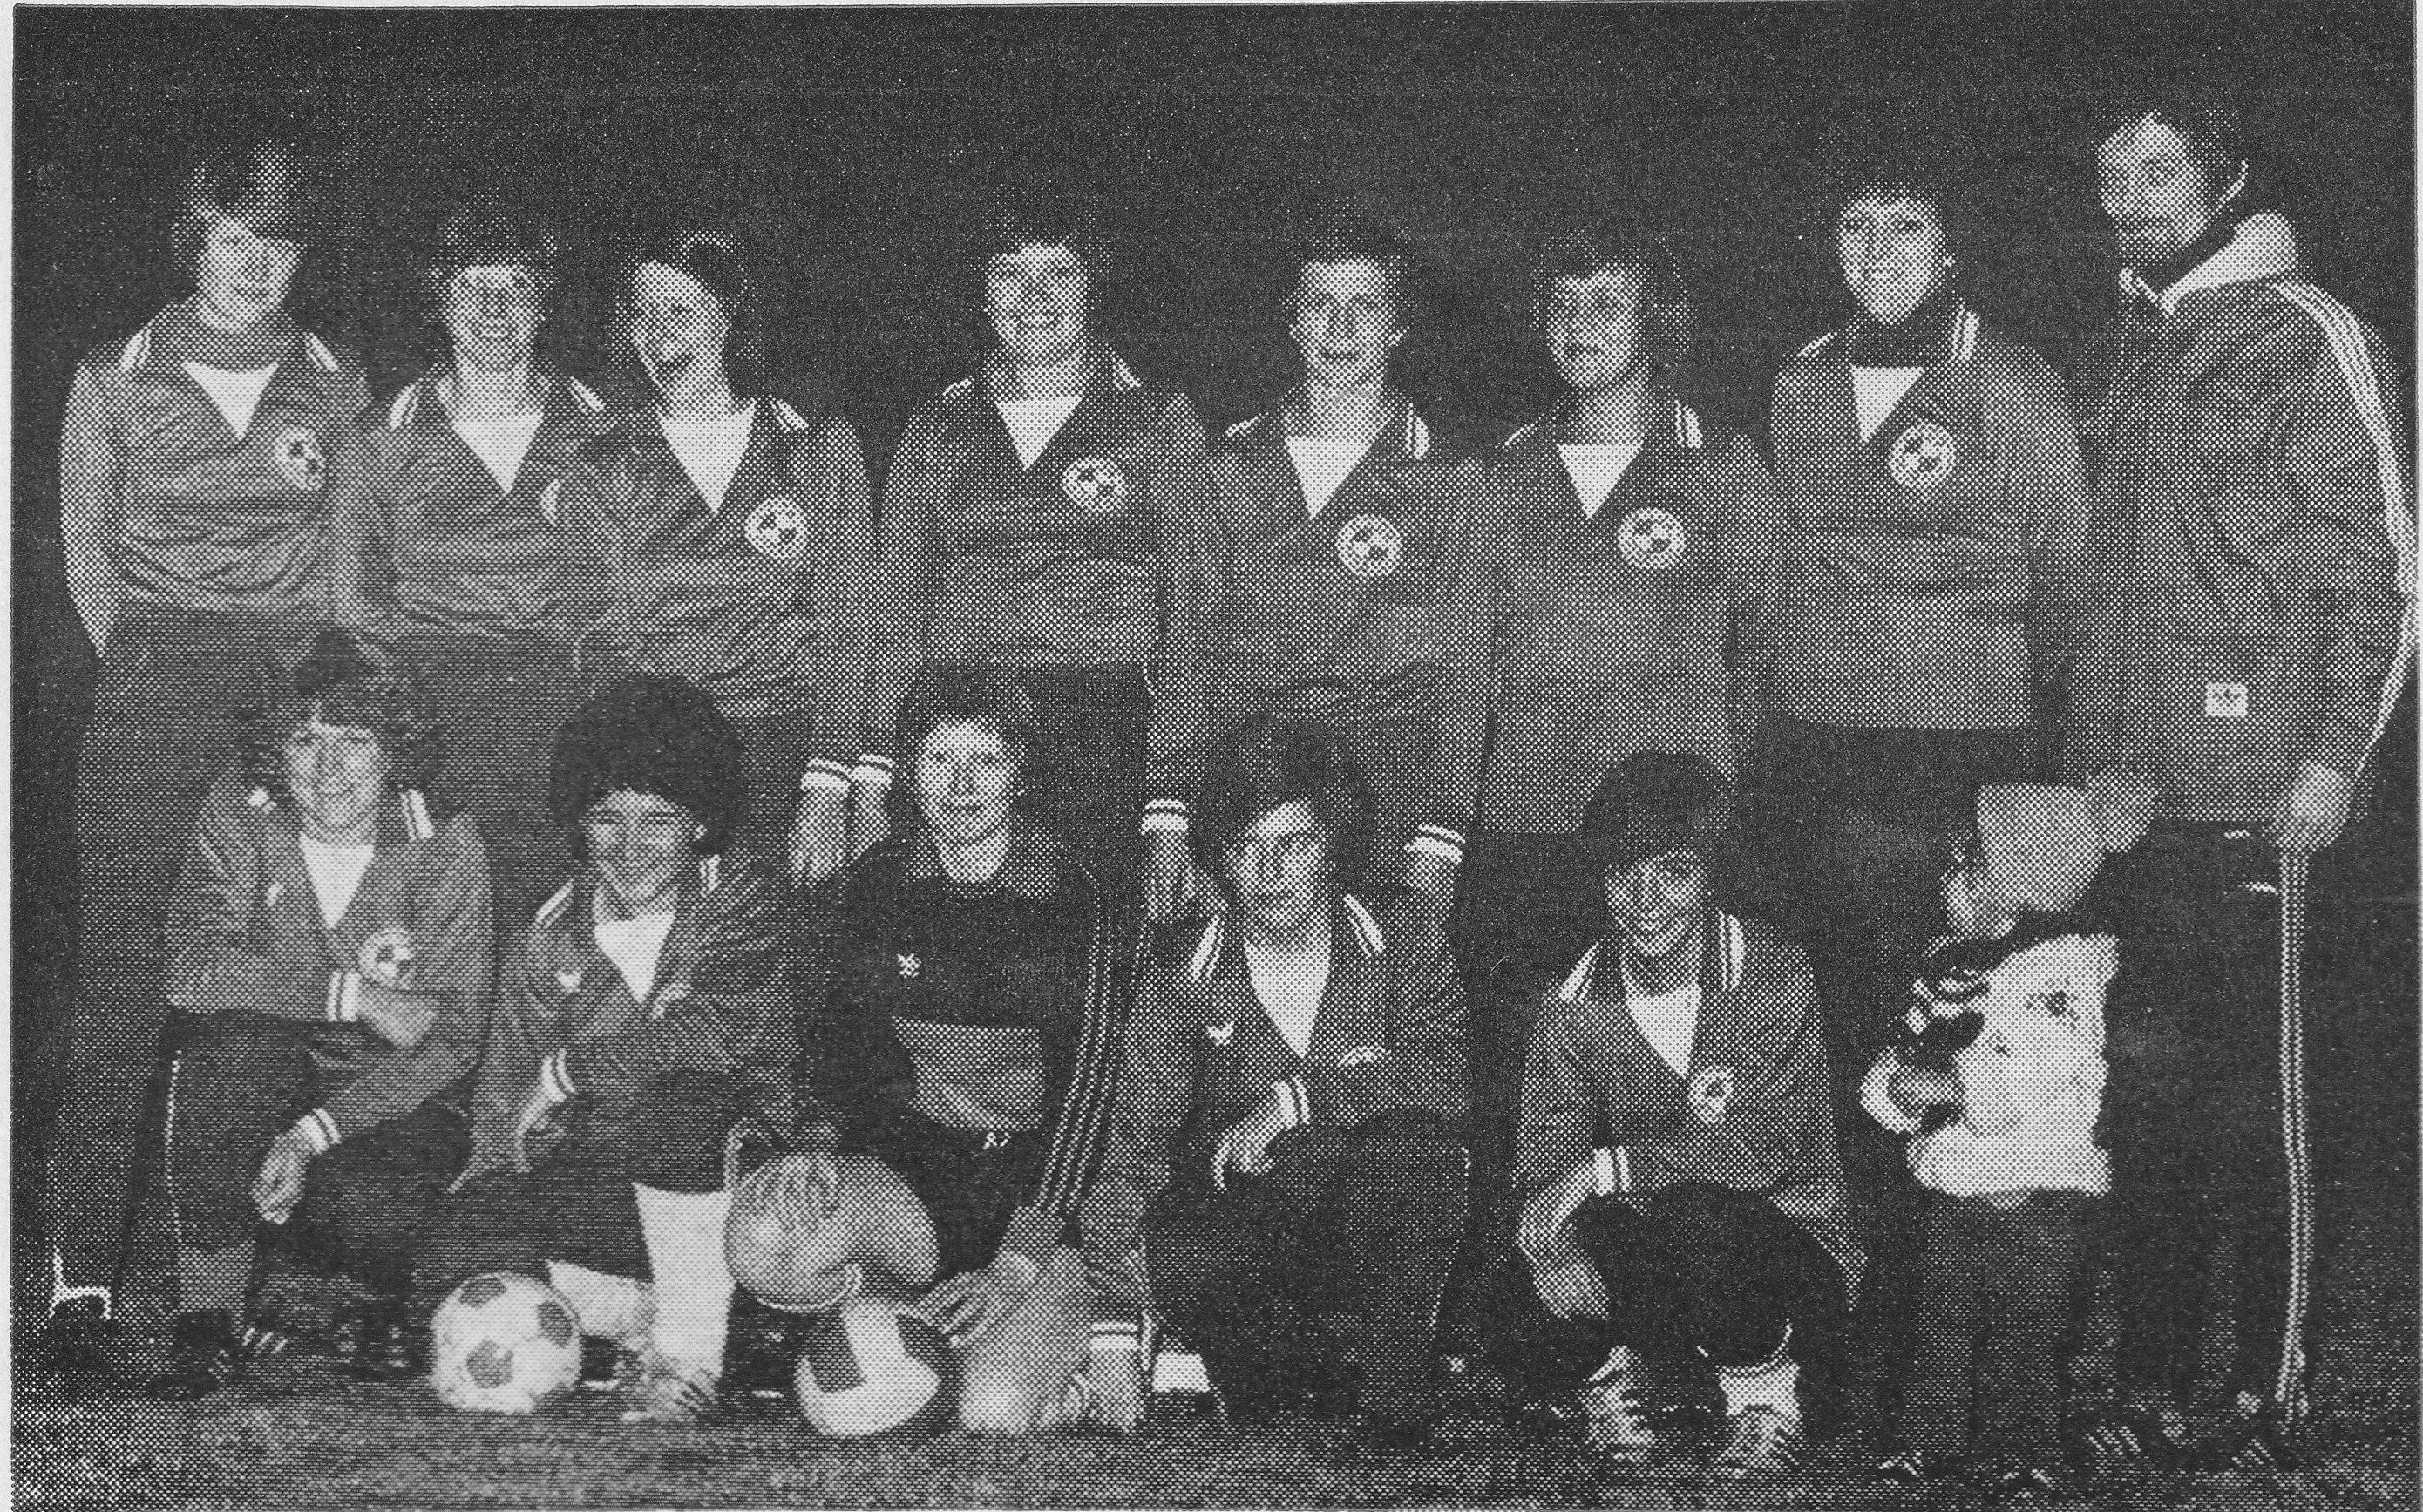 Aufsteiegr in die Bezirksklasse: Die Damenfussballer des SV 09 Korbach (1978)